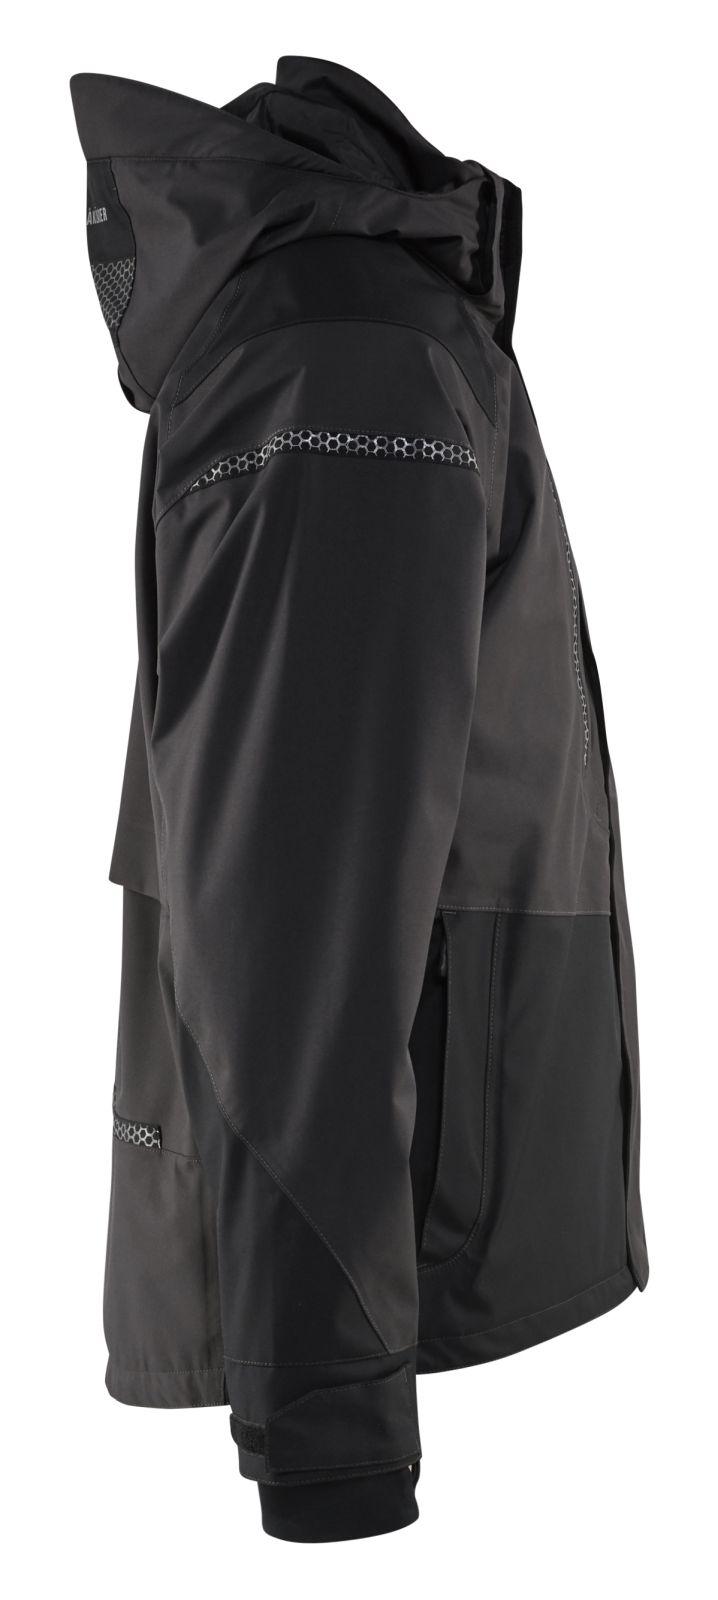 Blaklader Jassen 49881987 Stretch donkergrijs-zwart(9899)